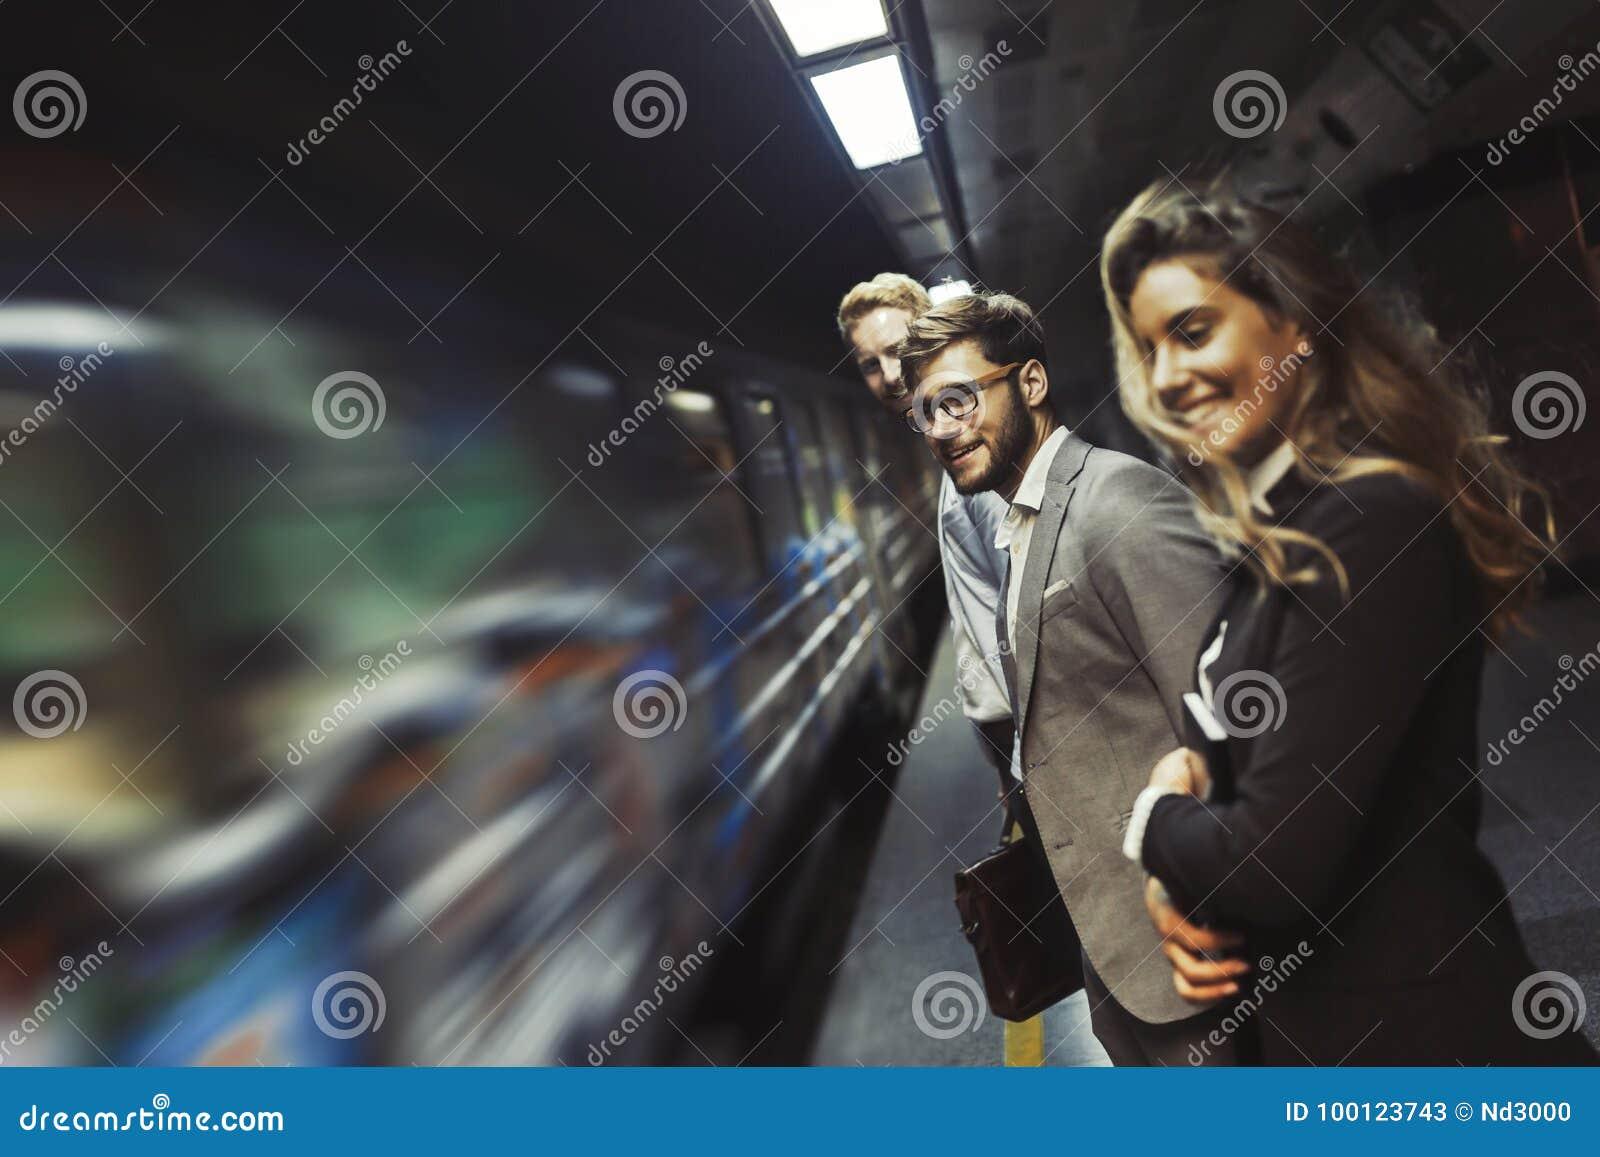 Bedrijfsmensen die op metro wachten